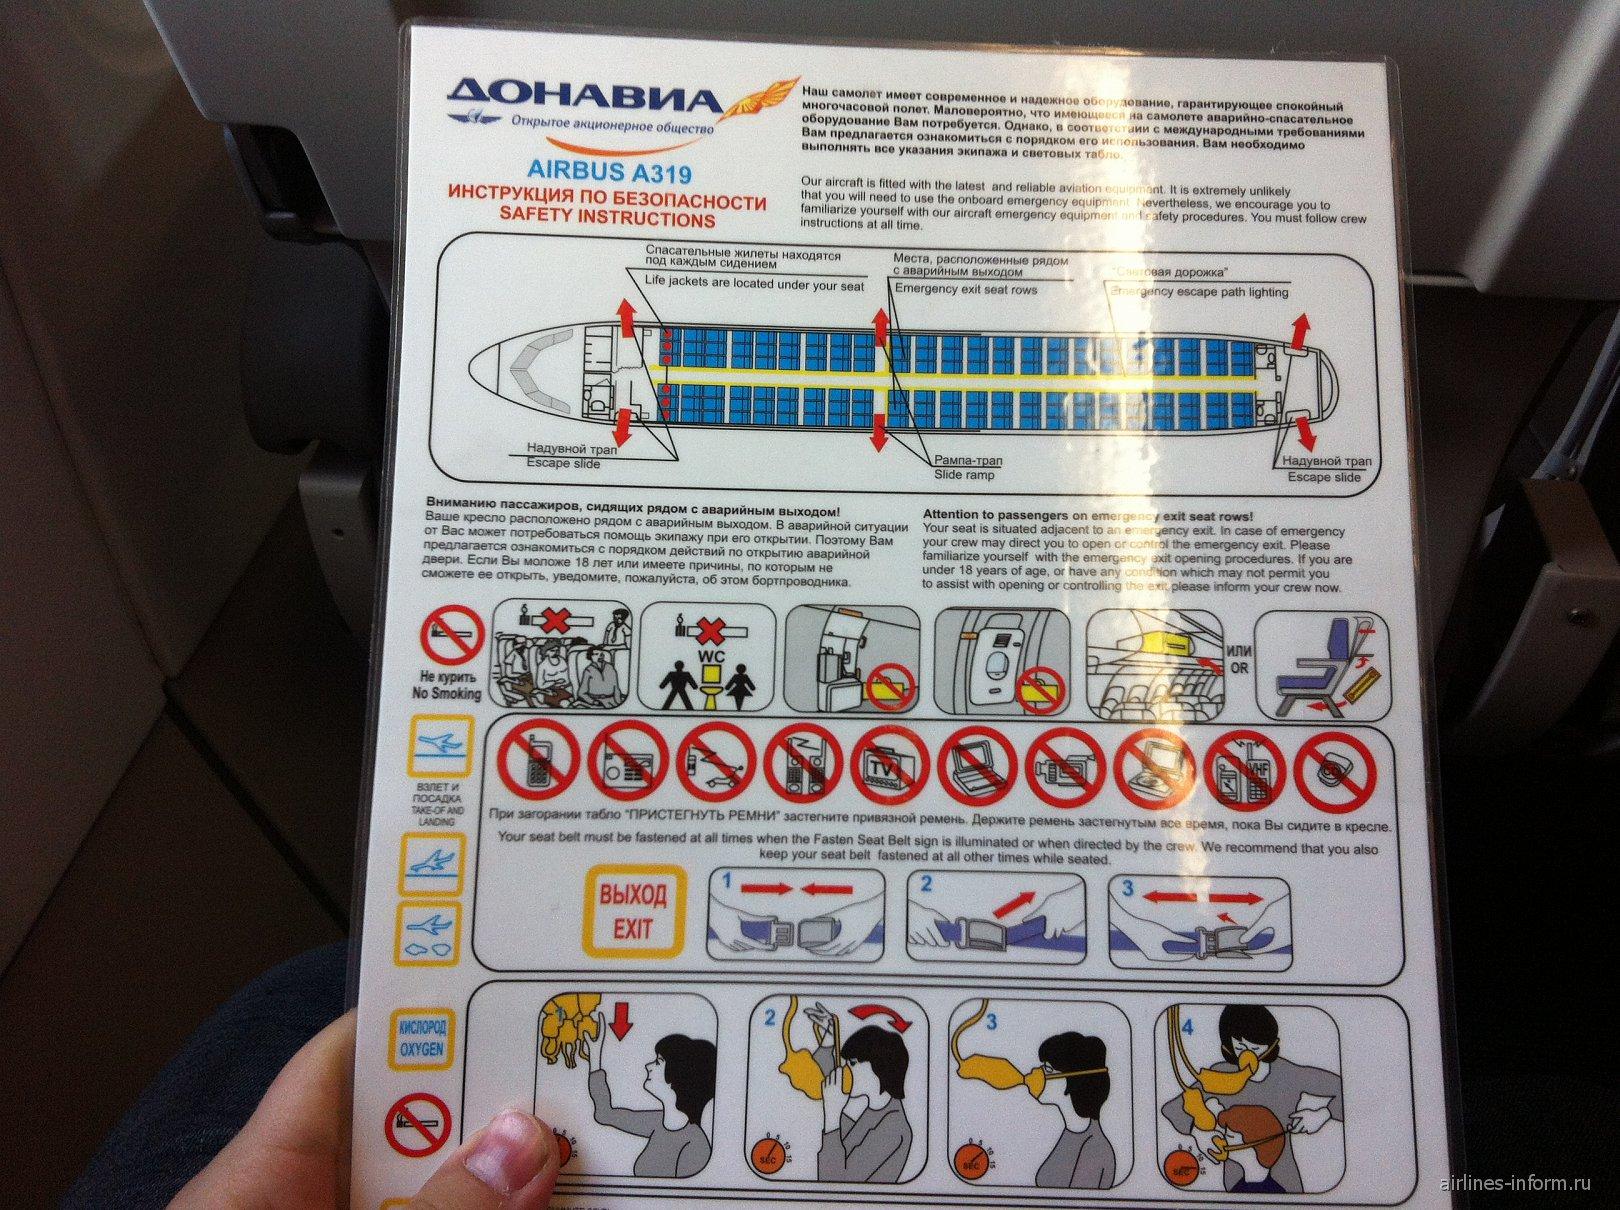 Инструкция по безопасности самолета Airbus A319 авиакомпании Донавиа